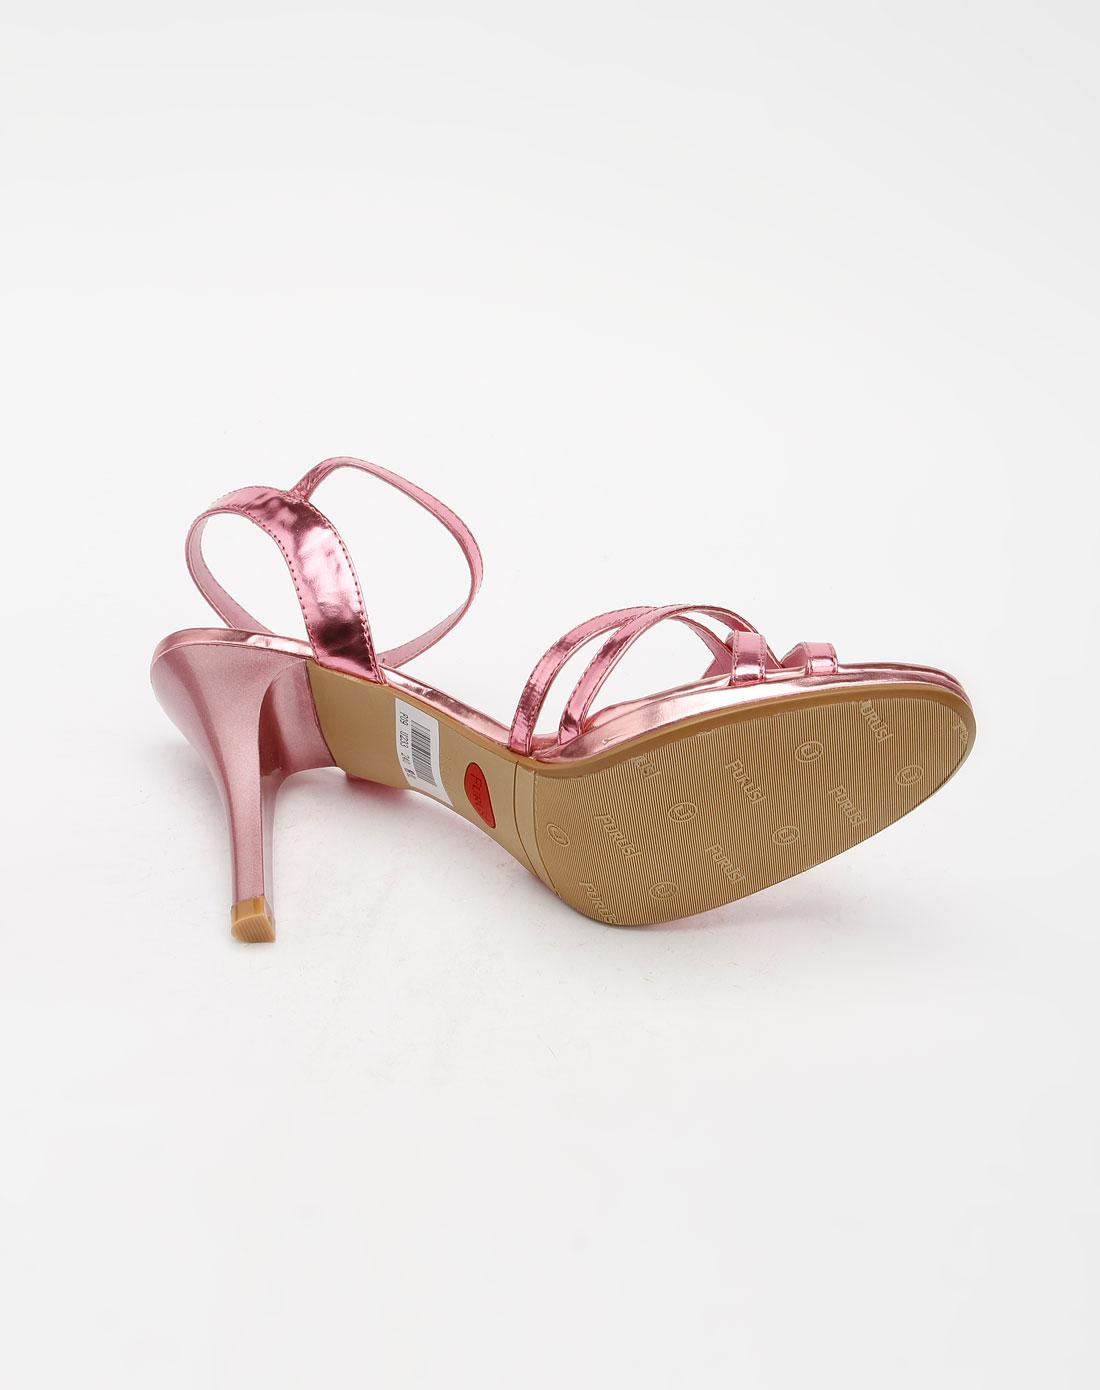 furuisi女款粉色时尚高跟凉鞋